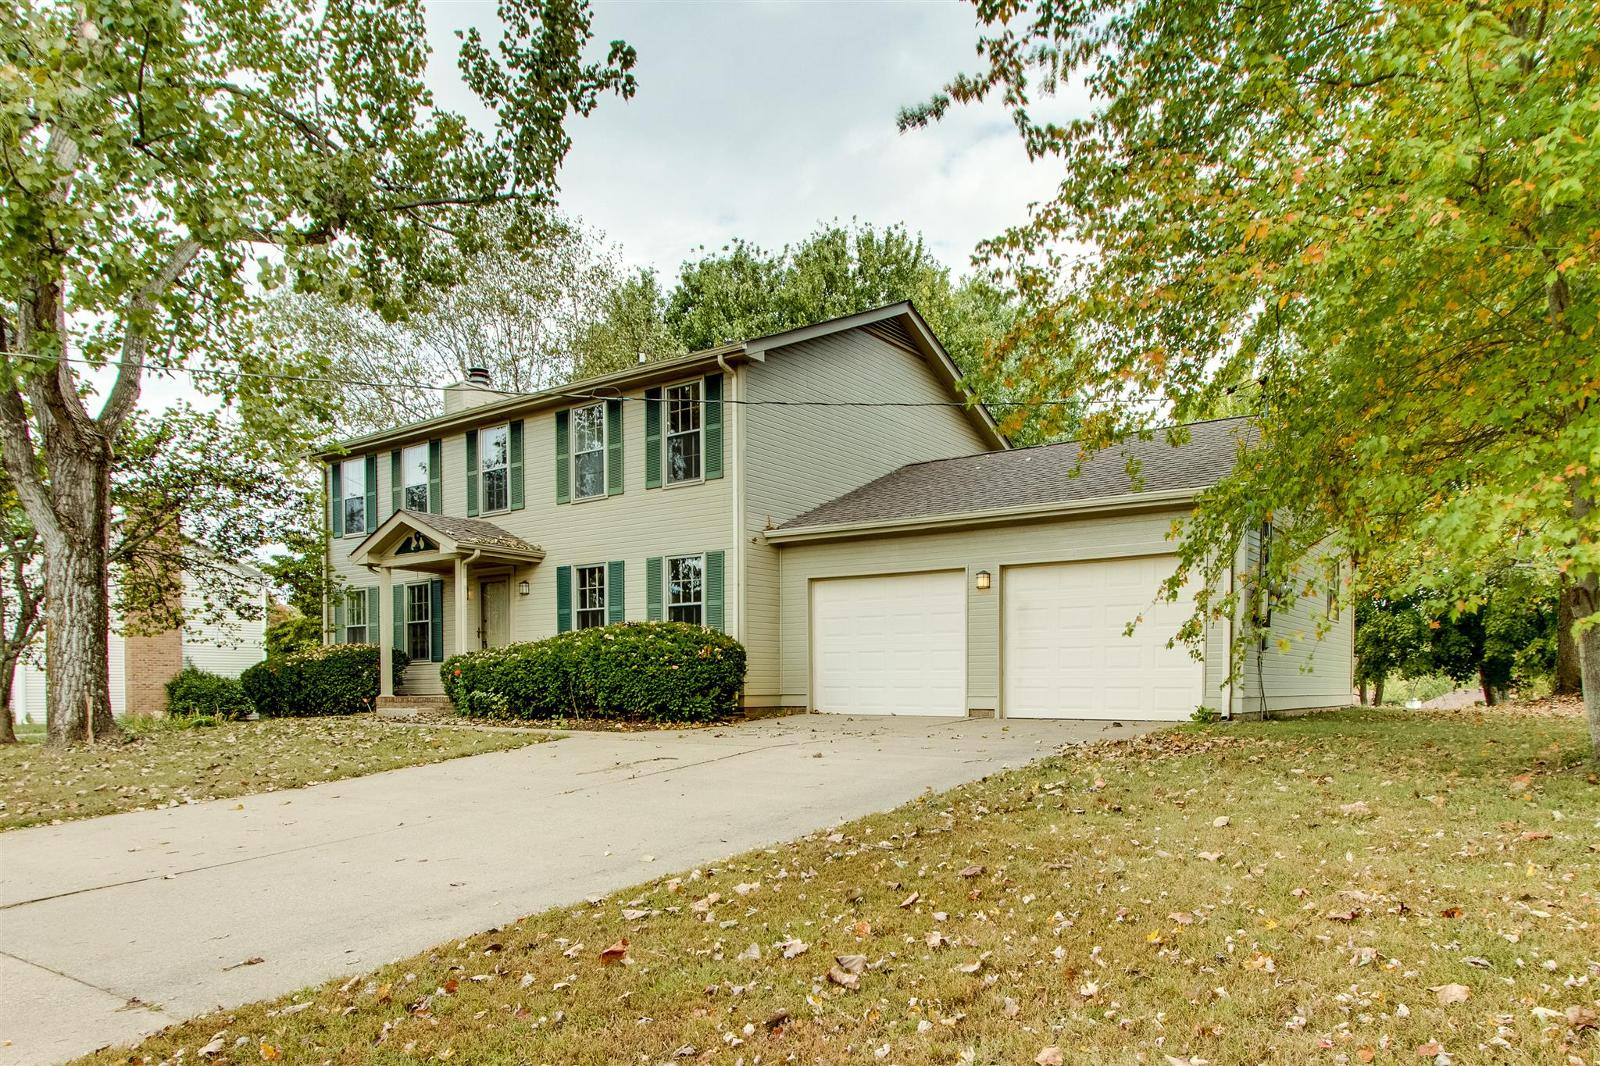 612 glenstone springs dr clarksville tn mls 1773130 era for Home builders clarksville tn